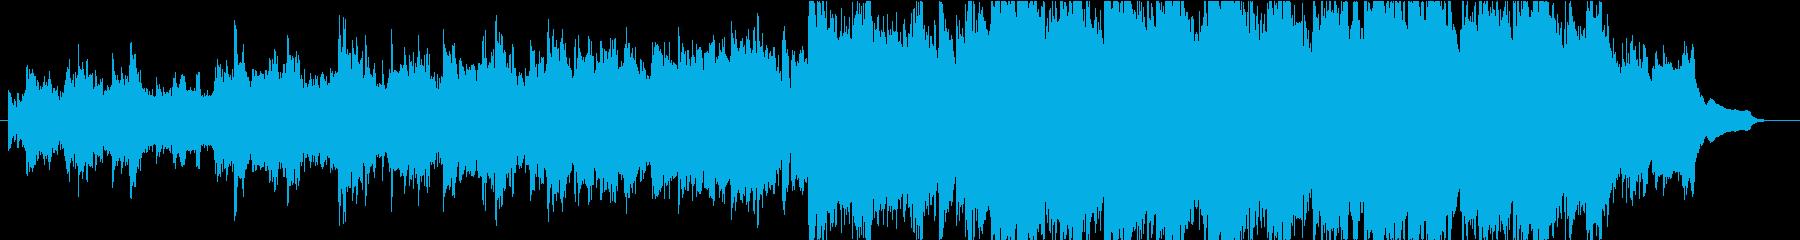 弦楽器が織りなすハーモニーの再生済みの波形